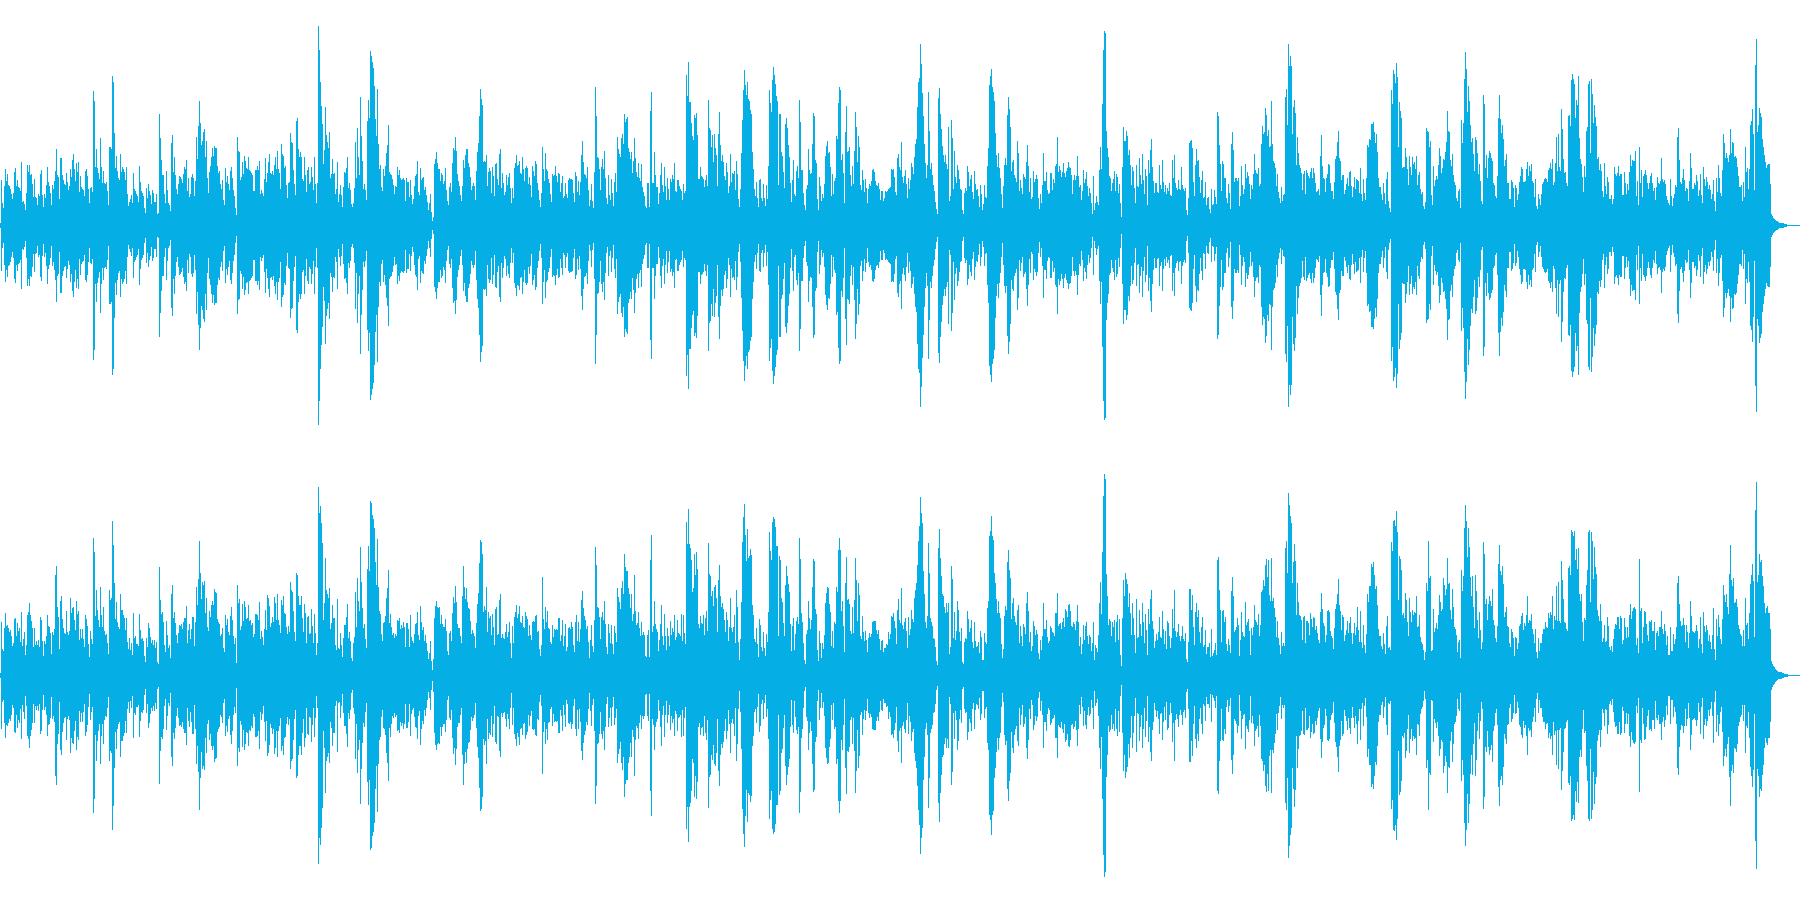 静寂な夜に聴きたい大人のジャズバラードの再生済みの波形